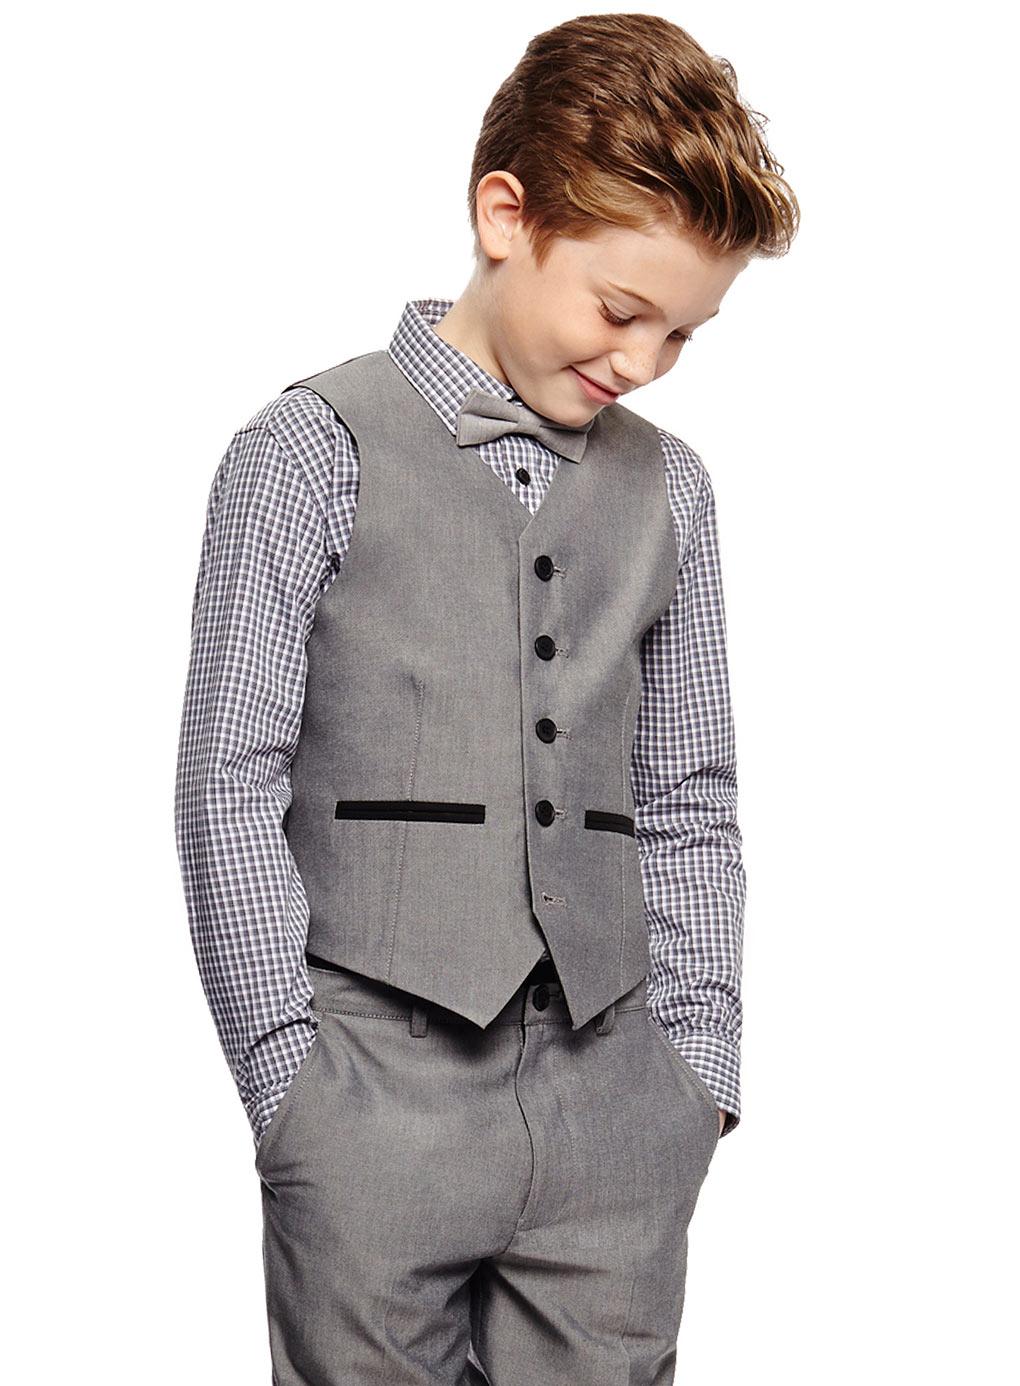 boys suit suit for boys - google zoeken hrvxsva